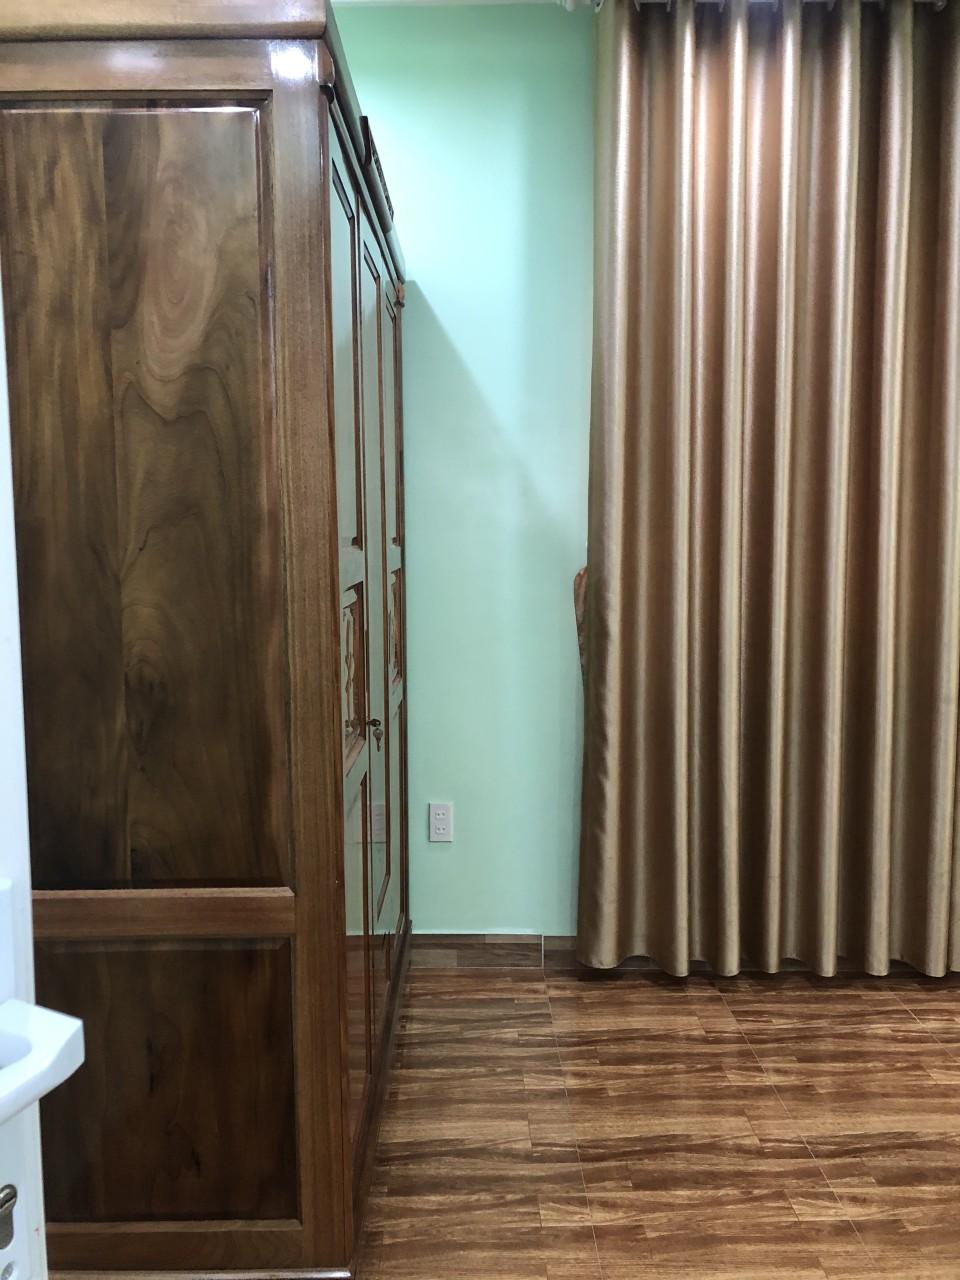 Cần cho thuê gấp căn hộ cao cấp khu Quán Nam, Kênh Dương, Lê Chân, Hải Phòng